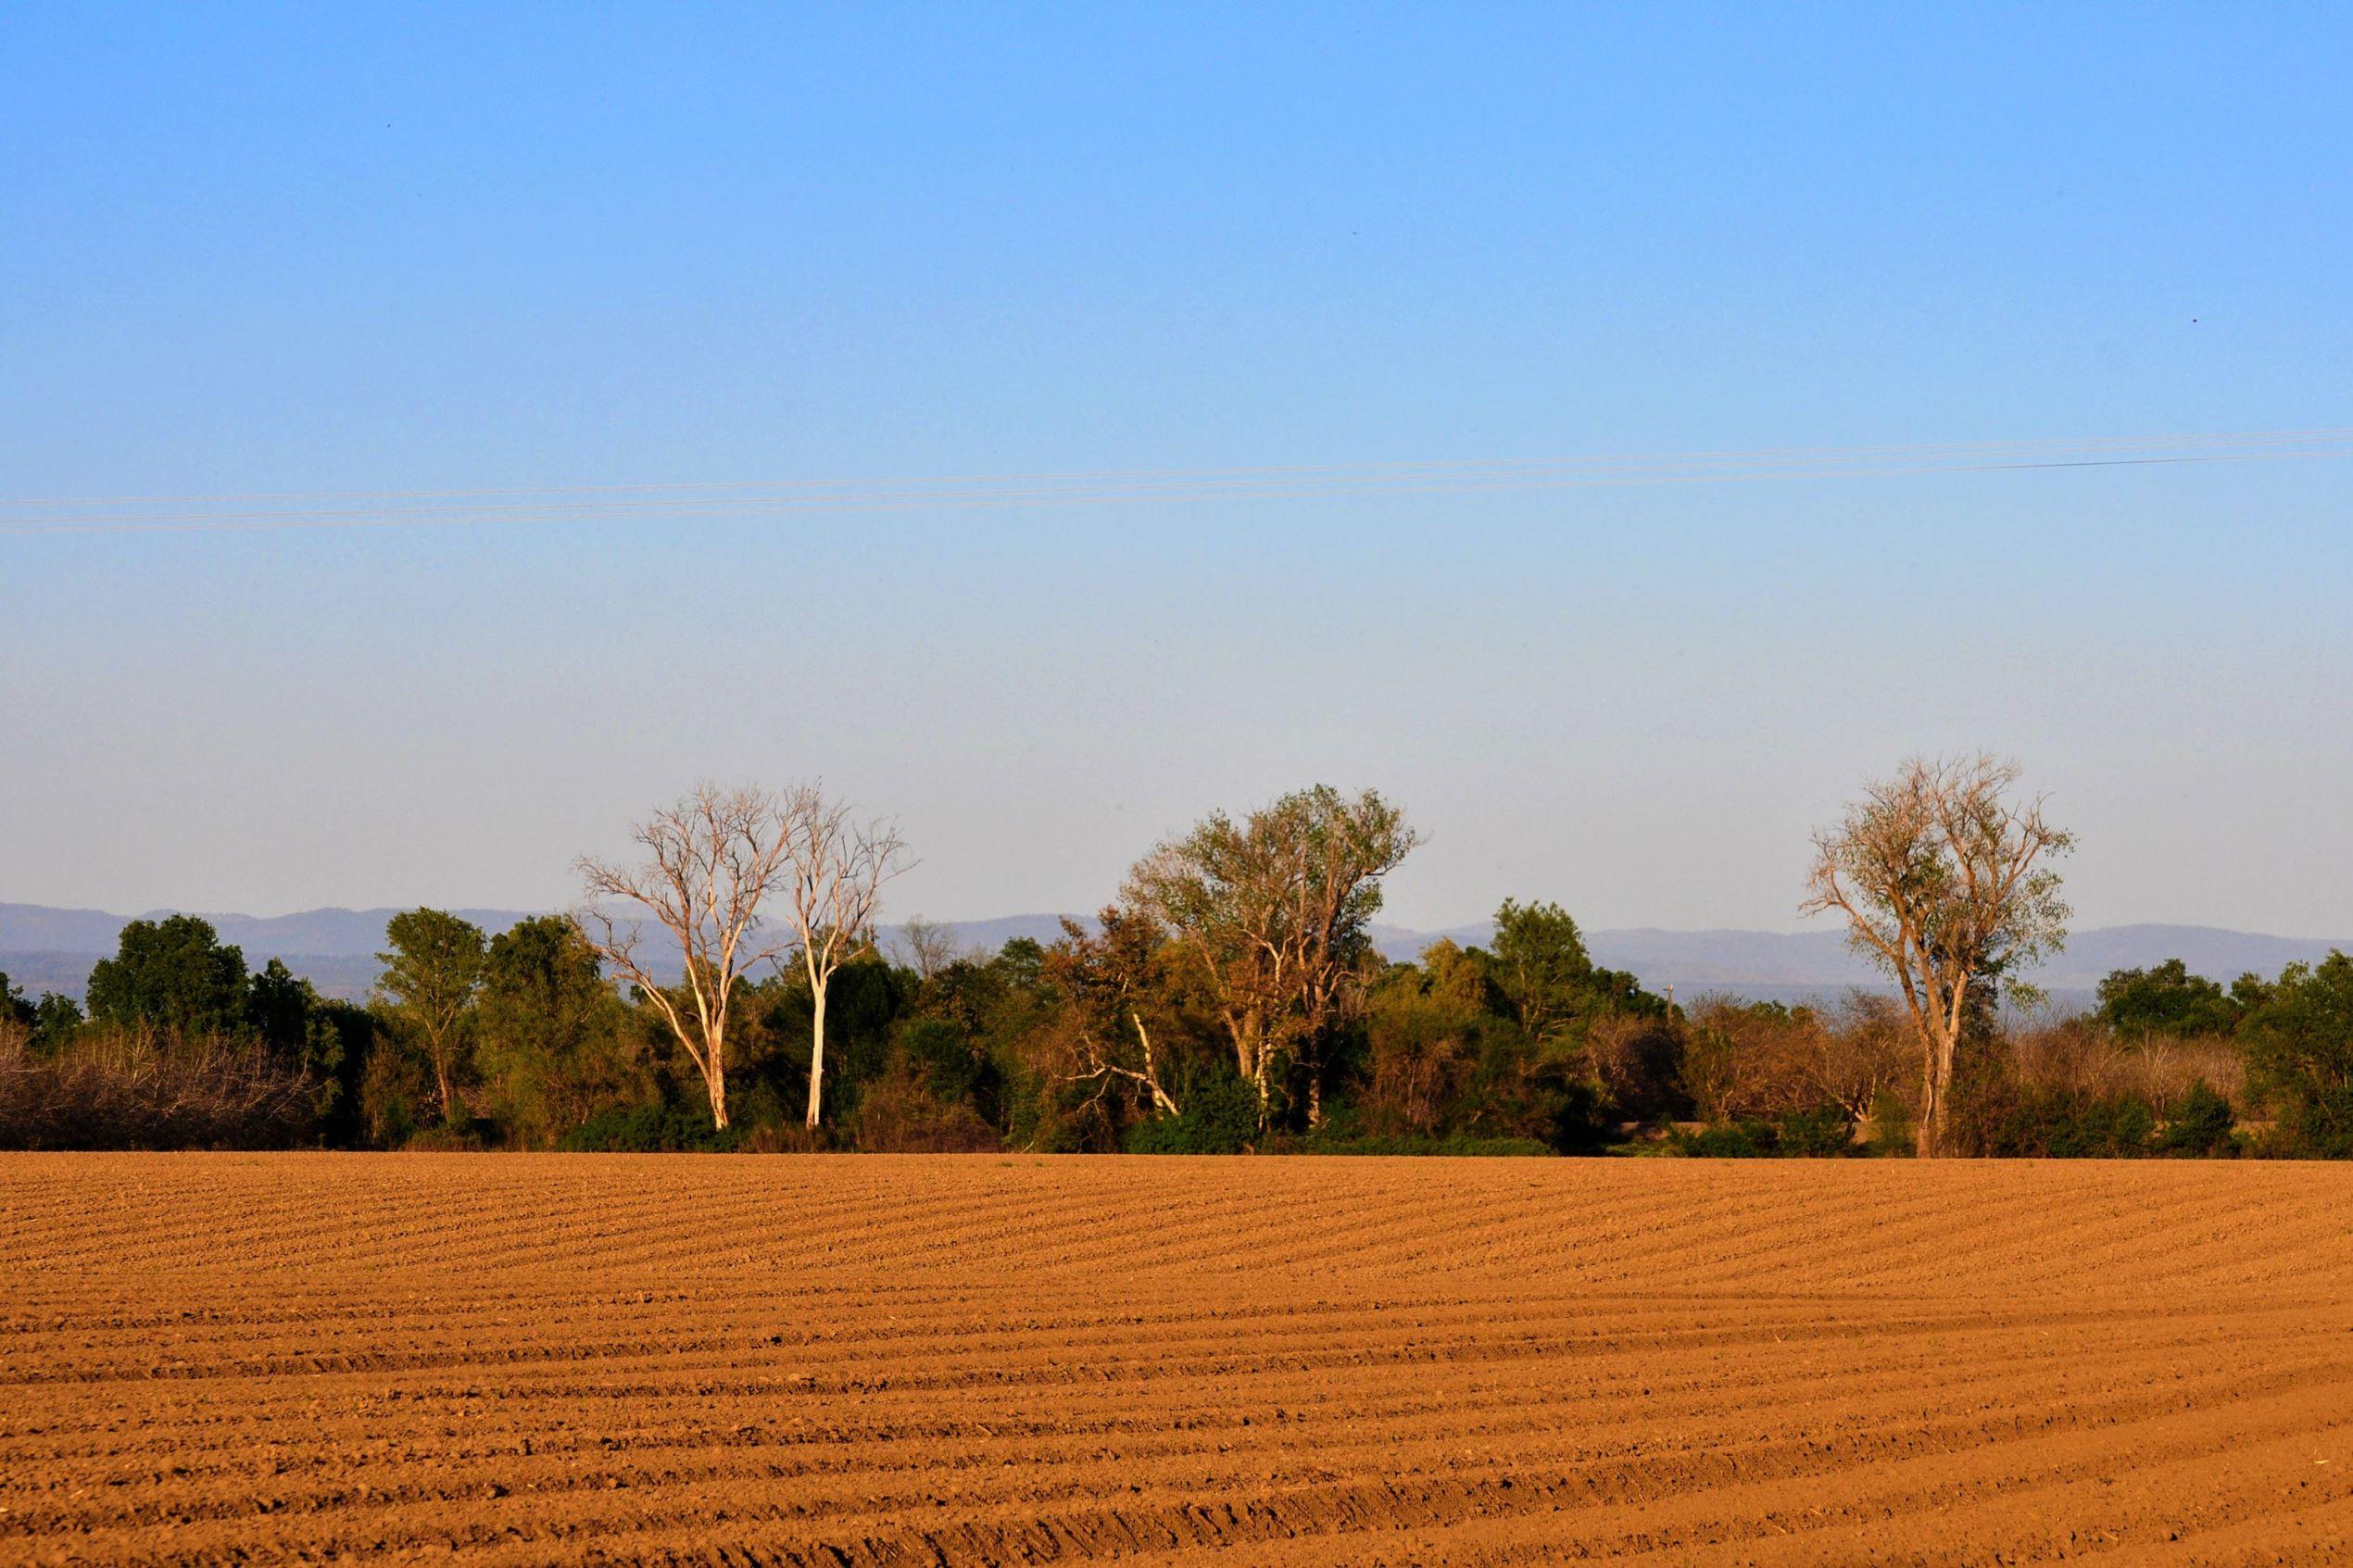 Farmland in Chico, California.